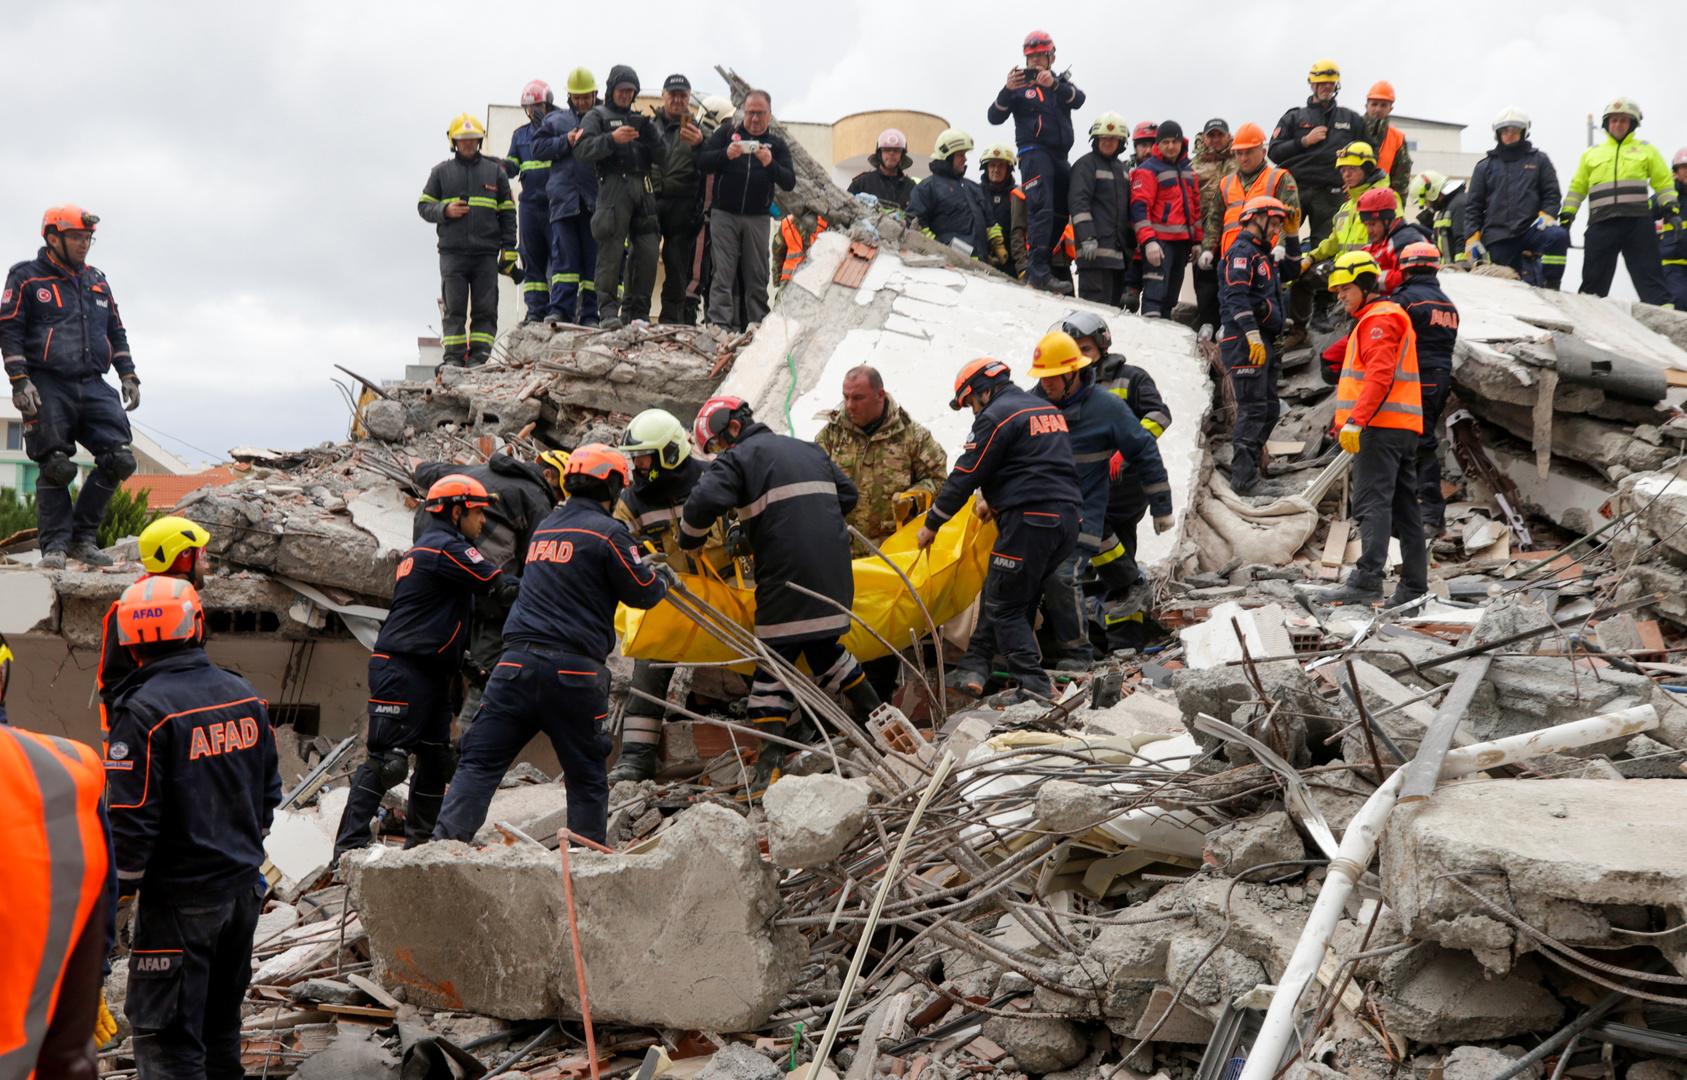 ارتفاع حصيلة ضحايا زلزال ألبانيا إلى 51 قتيلا والحكومة تعلن وقف البحث عن الناجين